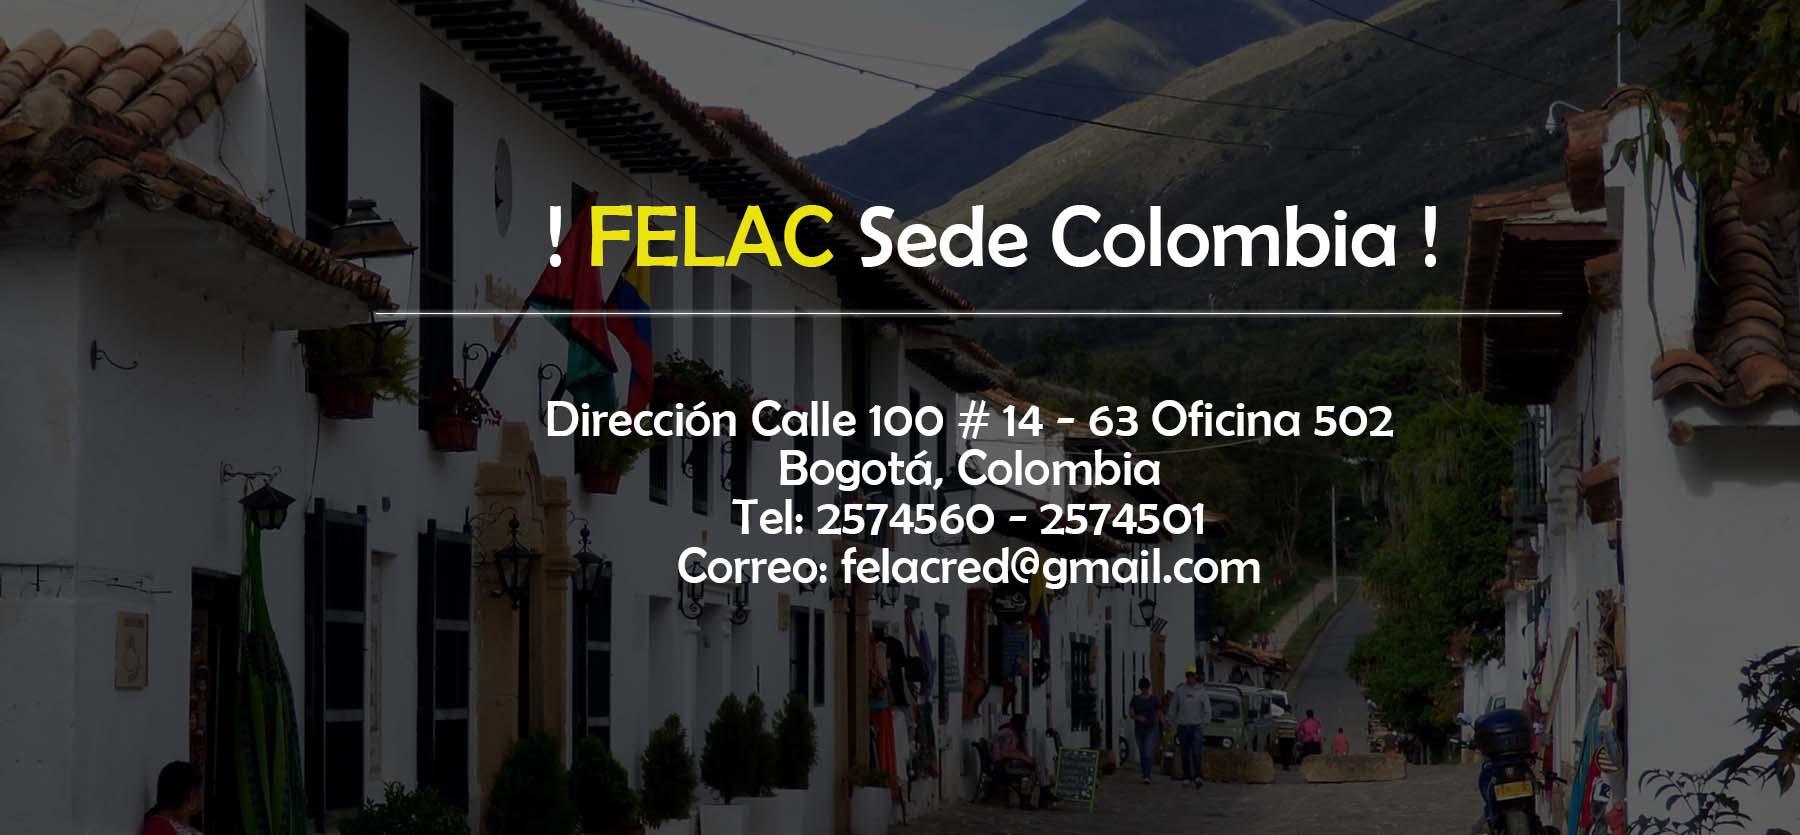 slider1-felac1